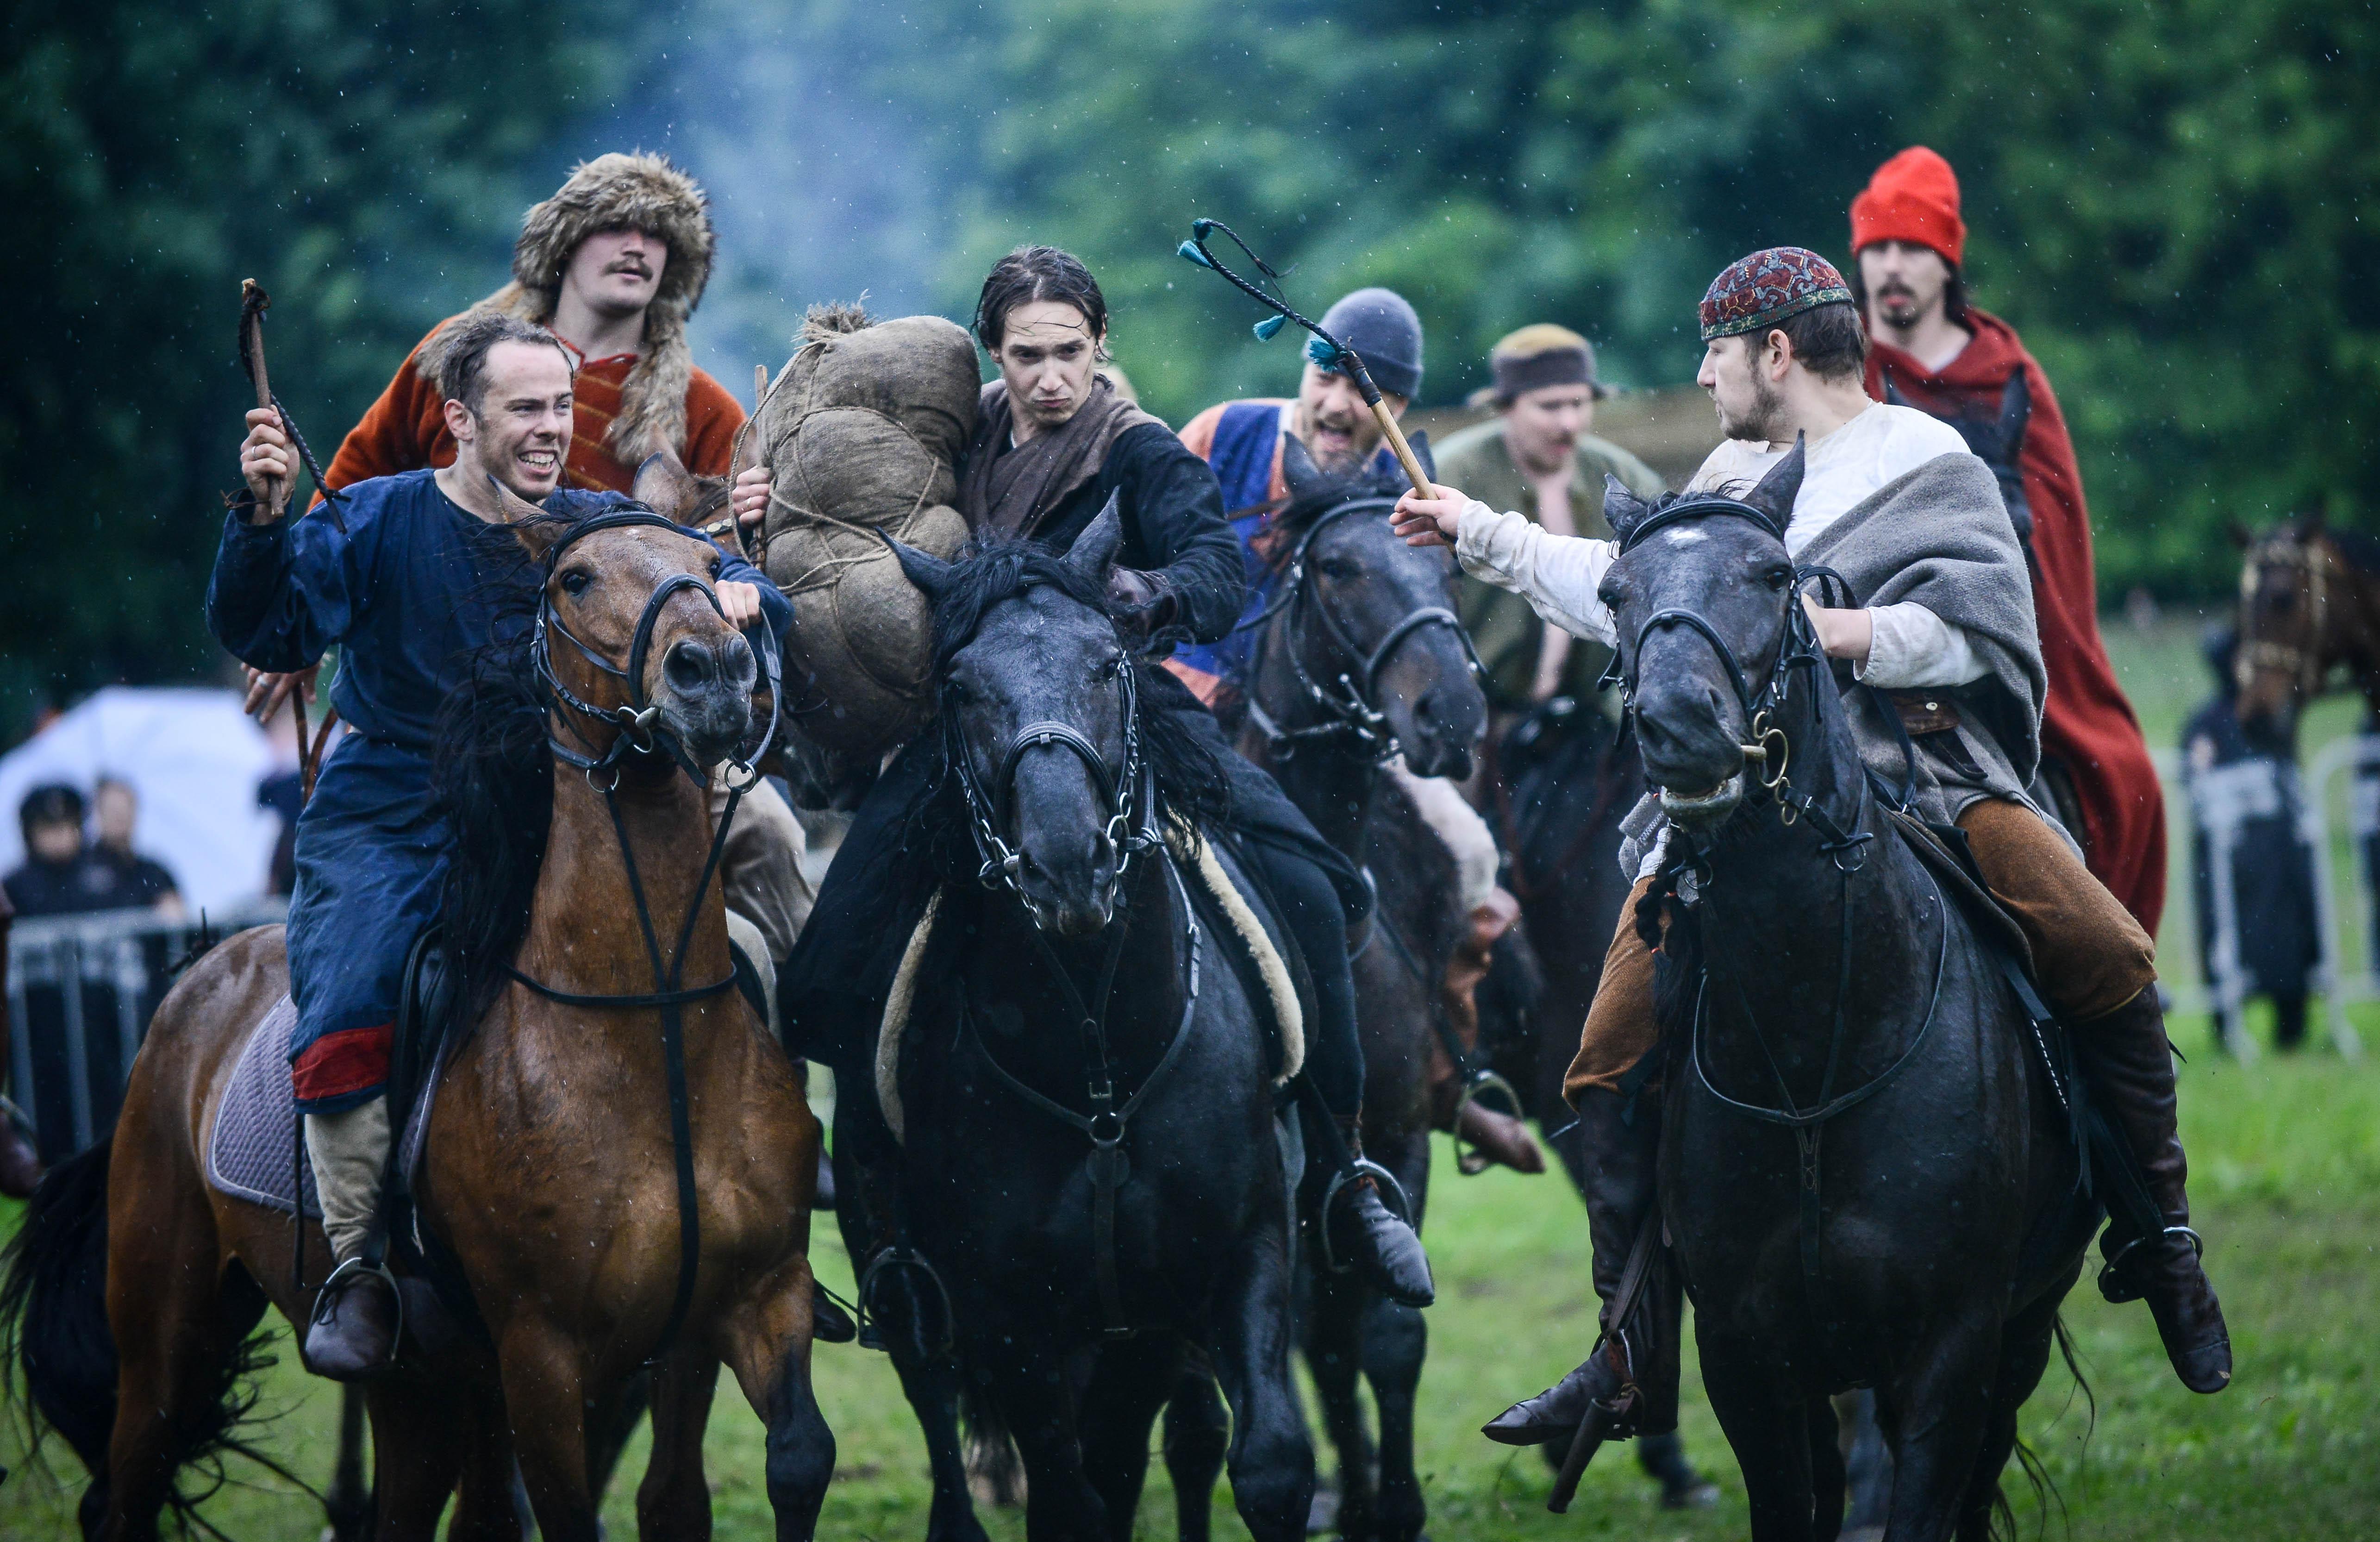 Куликовская битва стала первым сражением на пути к освобождению от ига. Фото: Наталья Феоктистова